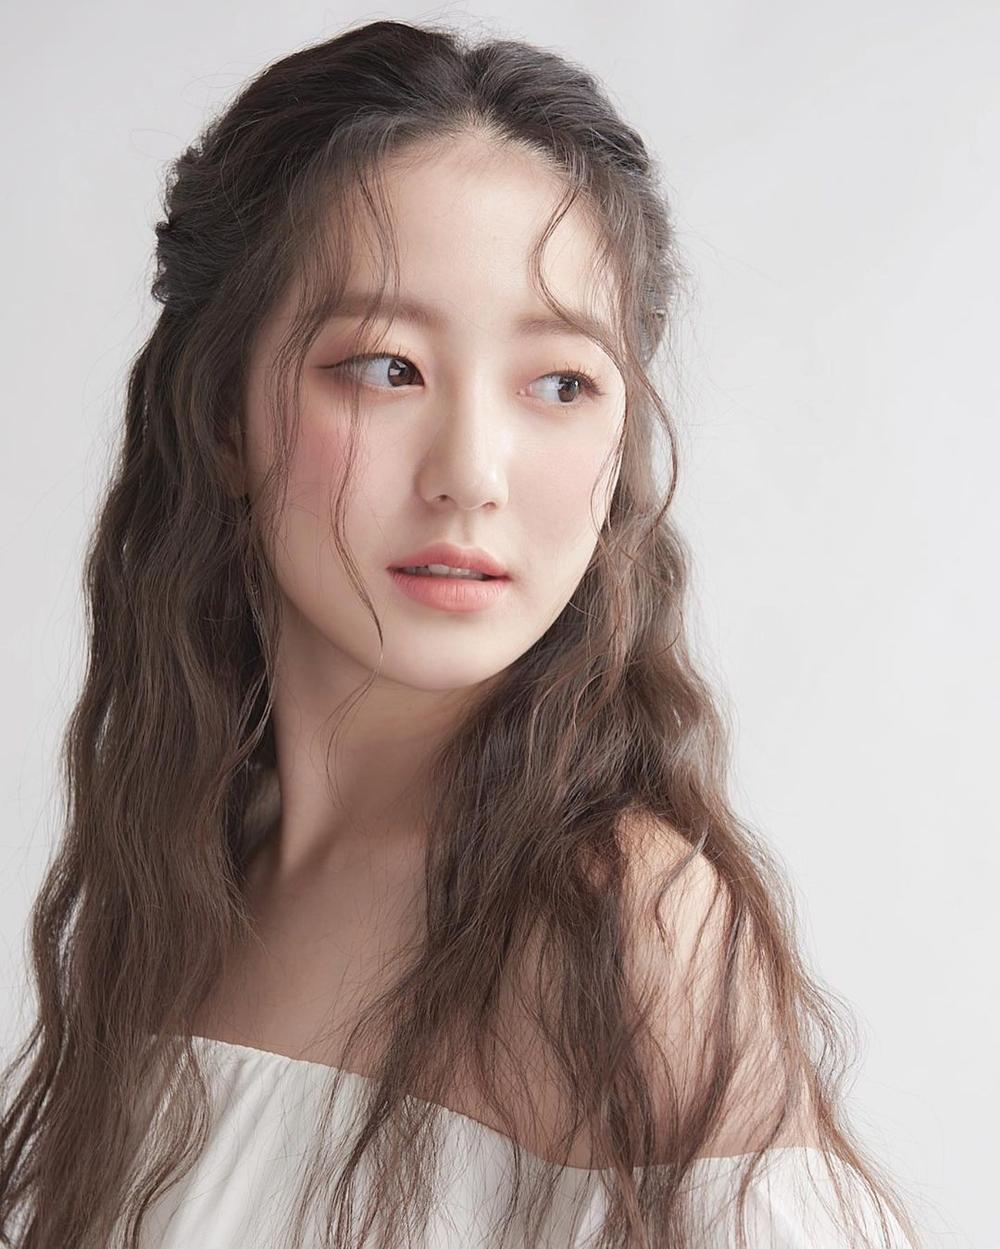 Á hậu 'chặt đẹp' nhan sắc Tân Hoa hậu Hàn Quốc 2020: Người tựa nàng thơ, kẻ như 'quái vật thẩm mỹ' Ảnh 19